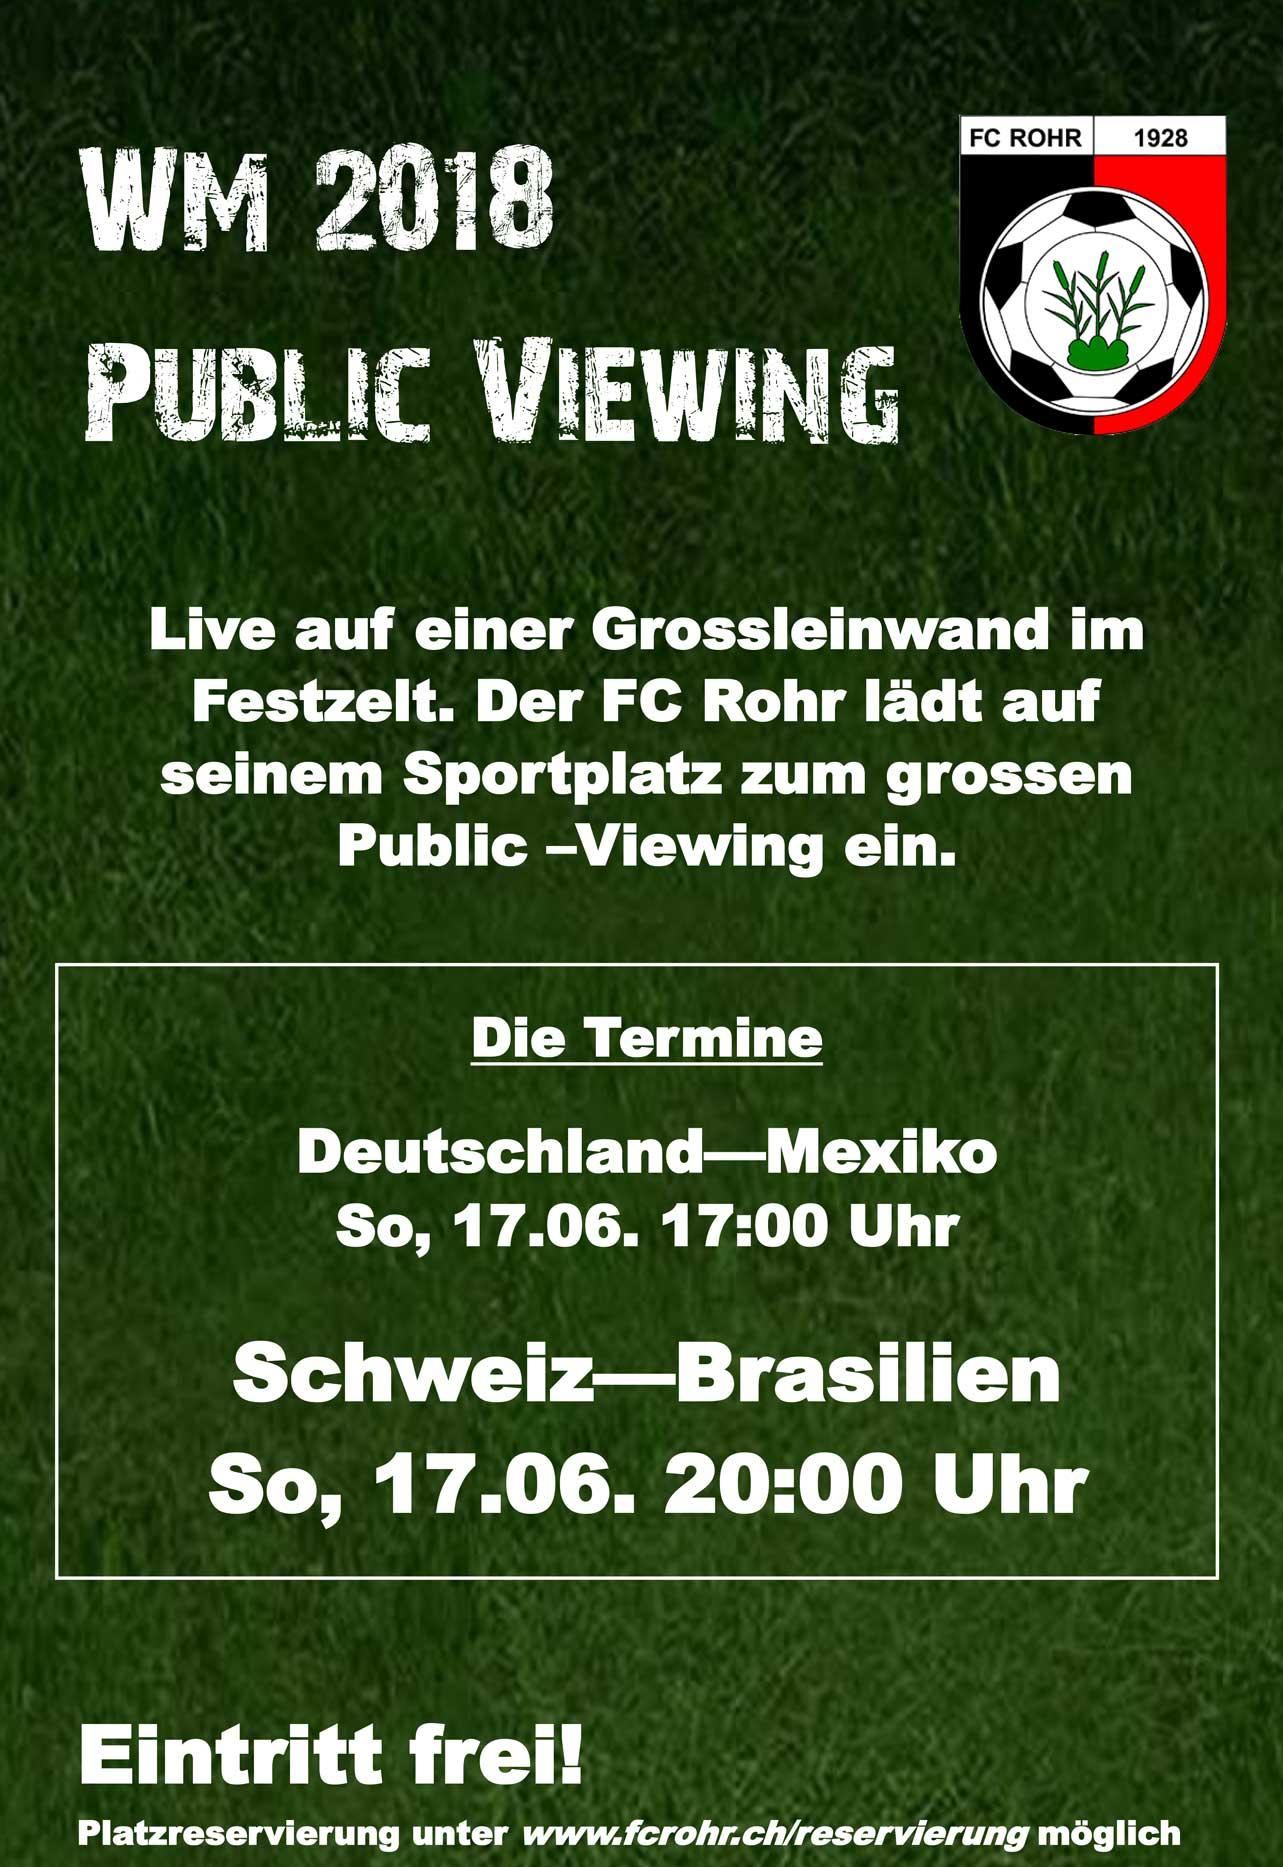 Public Viewing beim FC Rohr